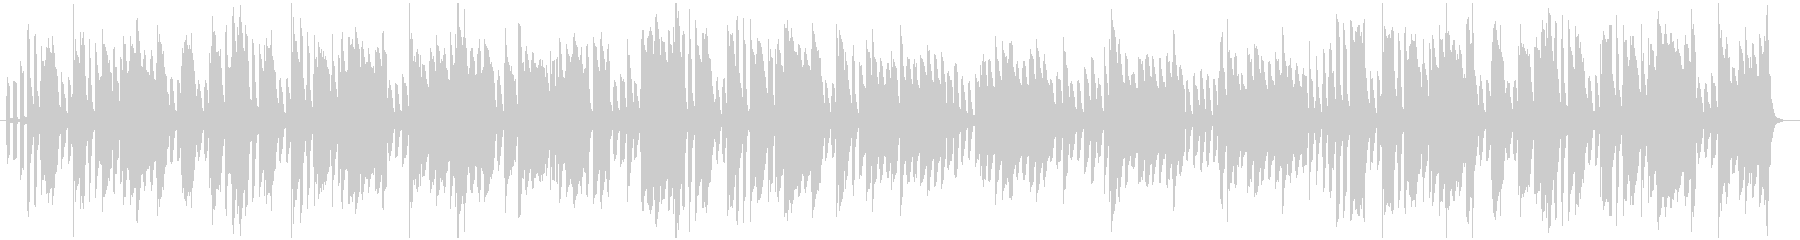 リコーダーメインの日常ほのぼの系ですの未再生の波形